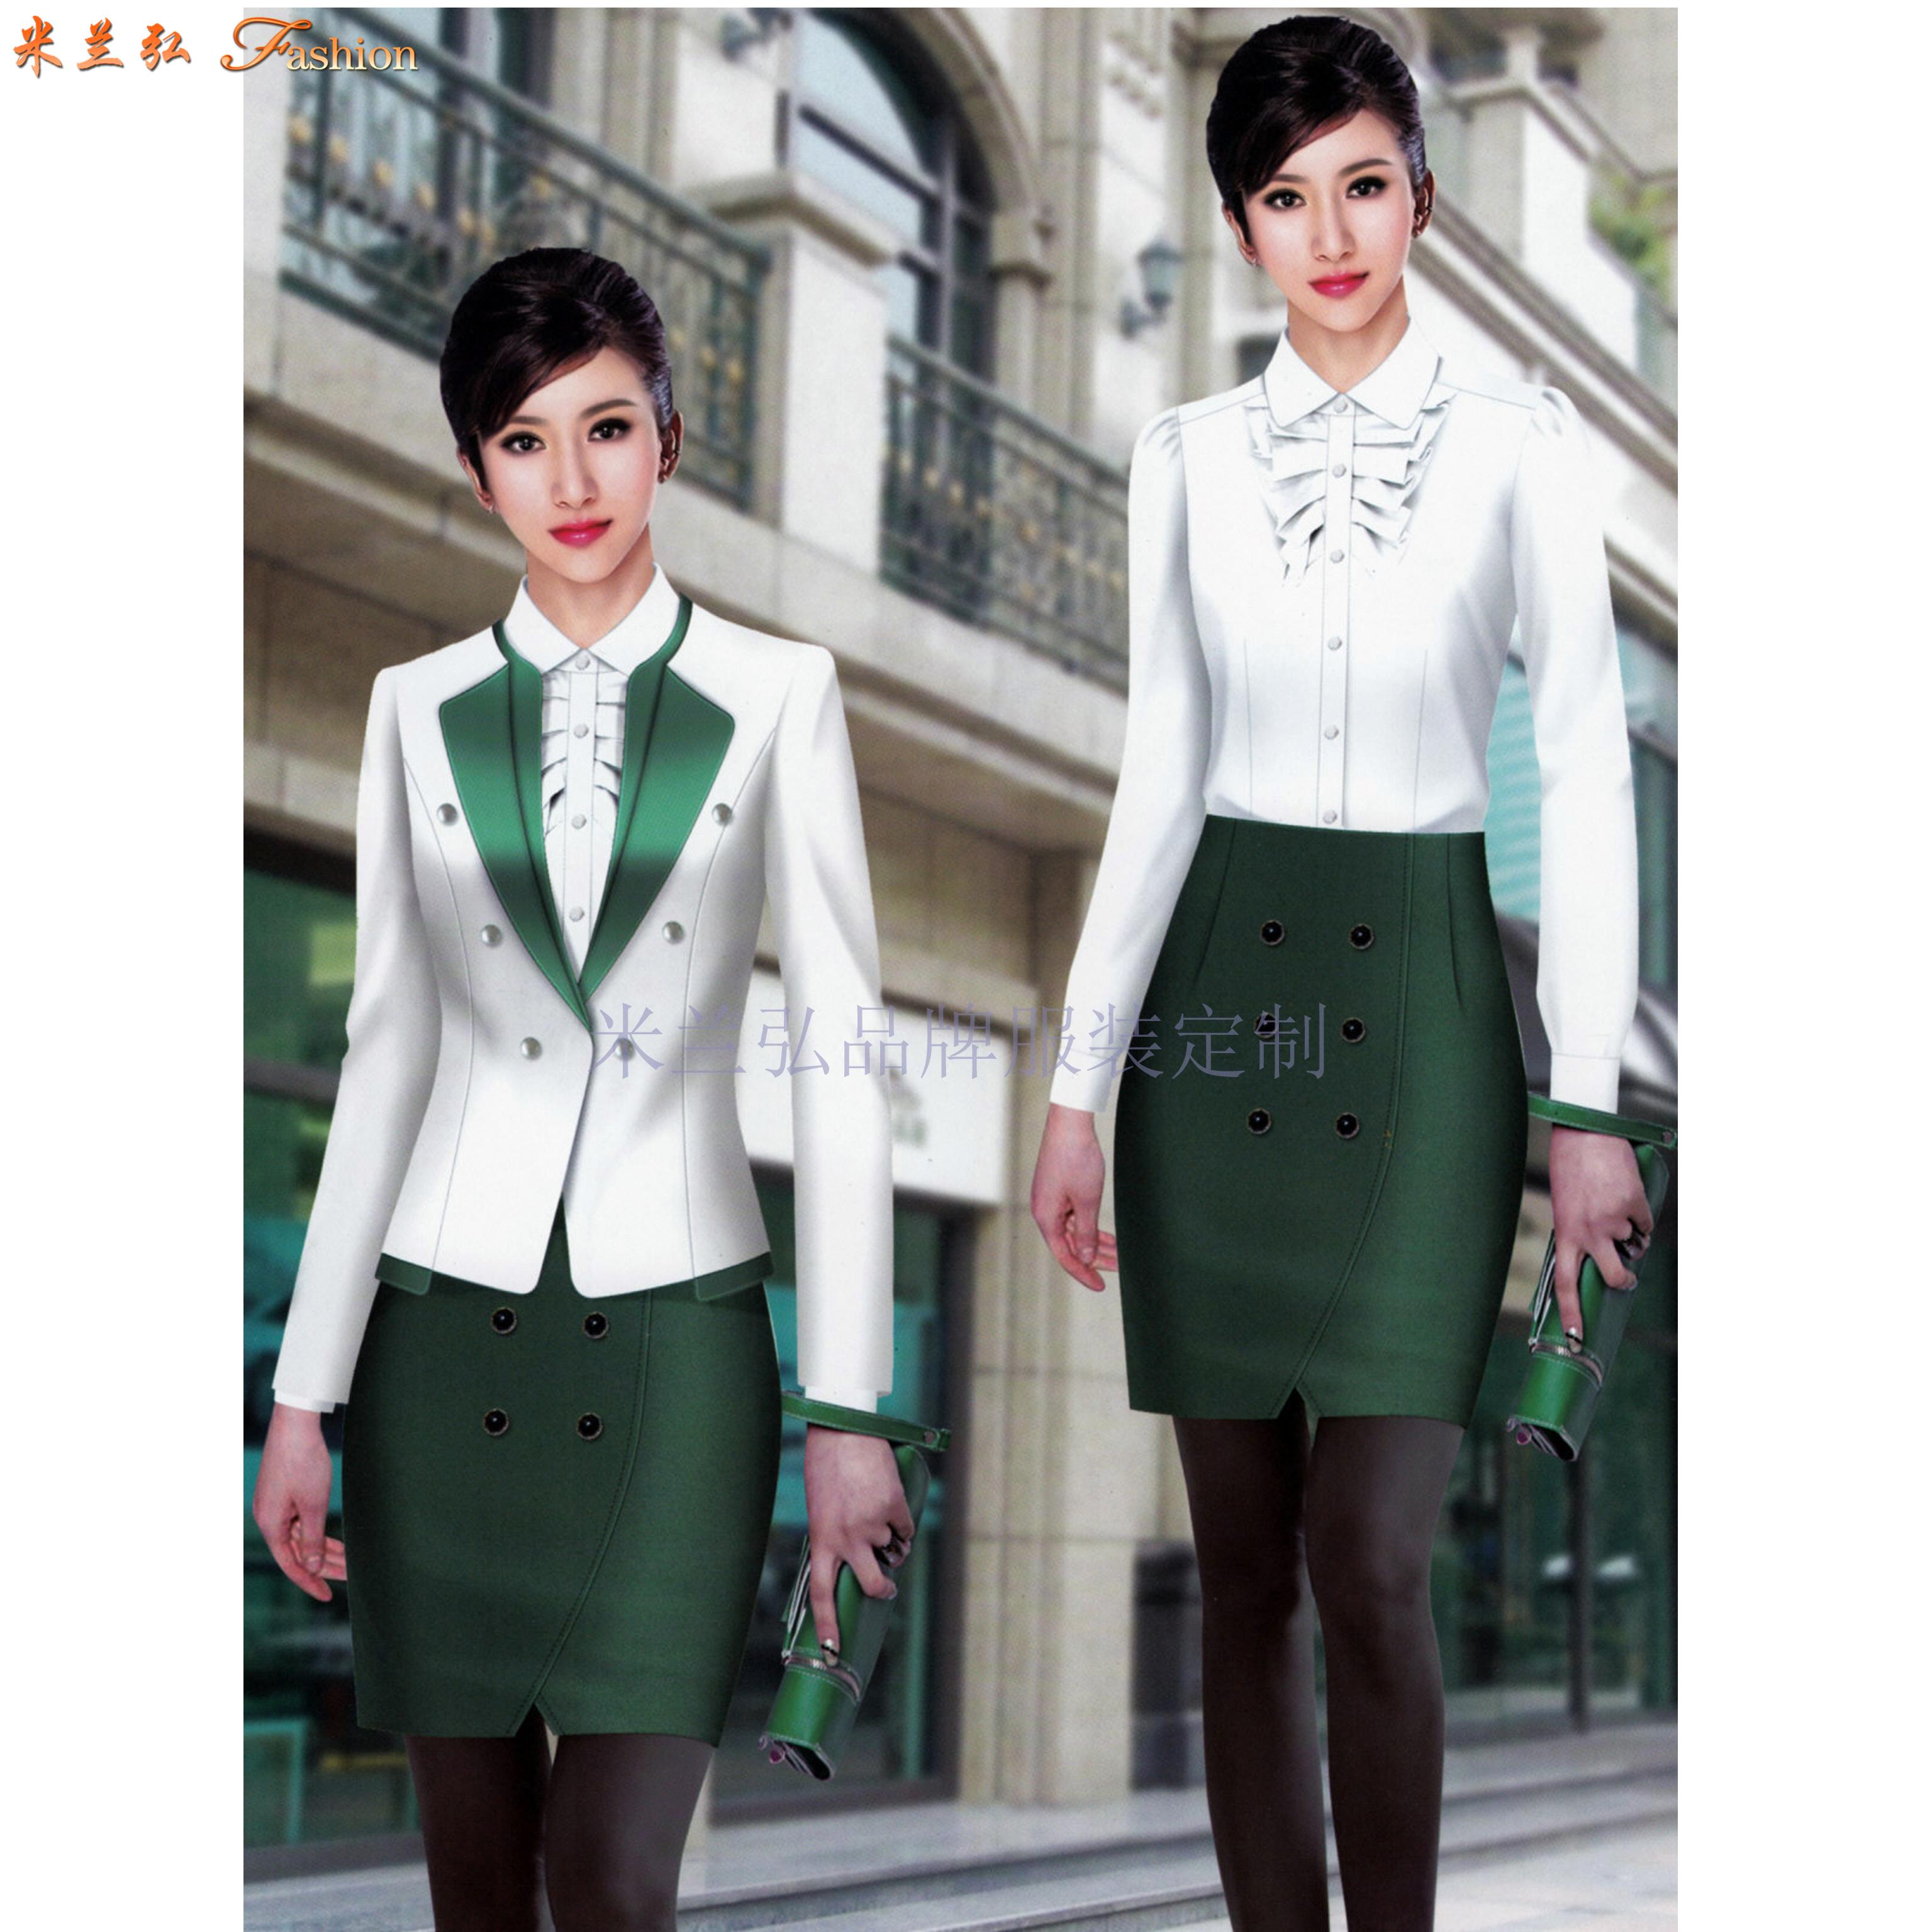 北京女士職業裝定制及北京時尚職業裝定做_北京通勤職業裝訂制-5